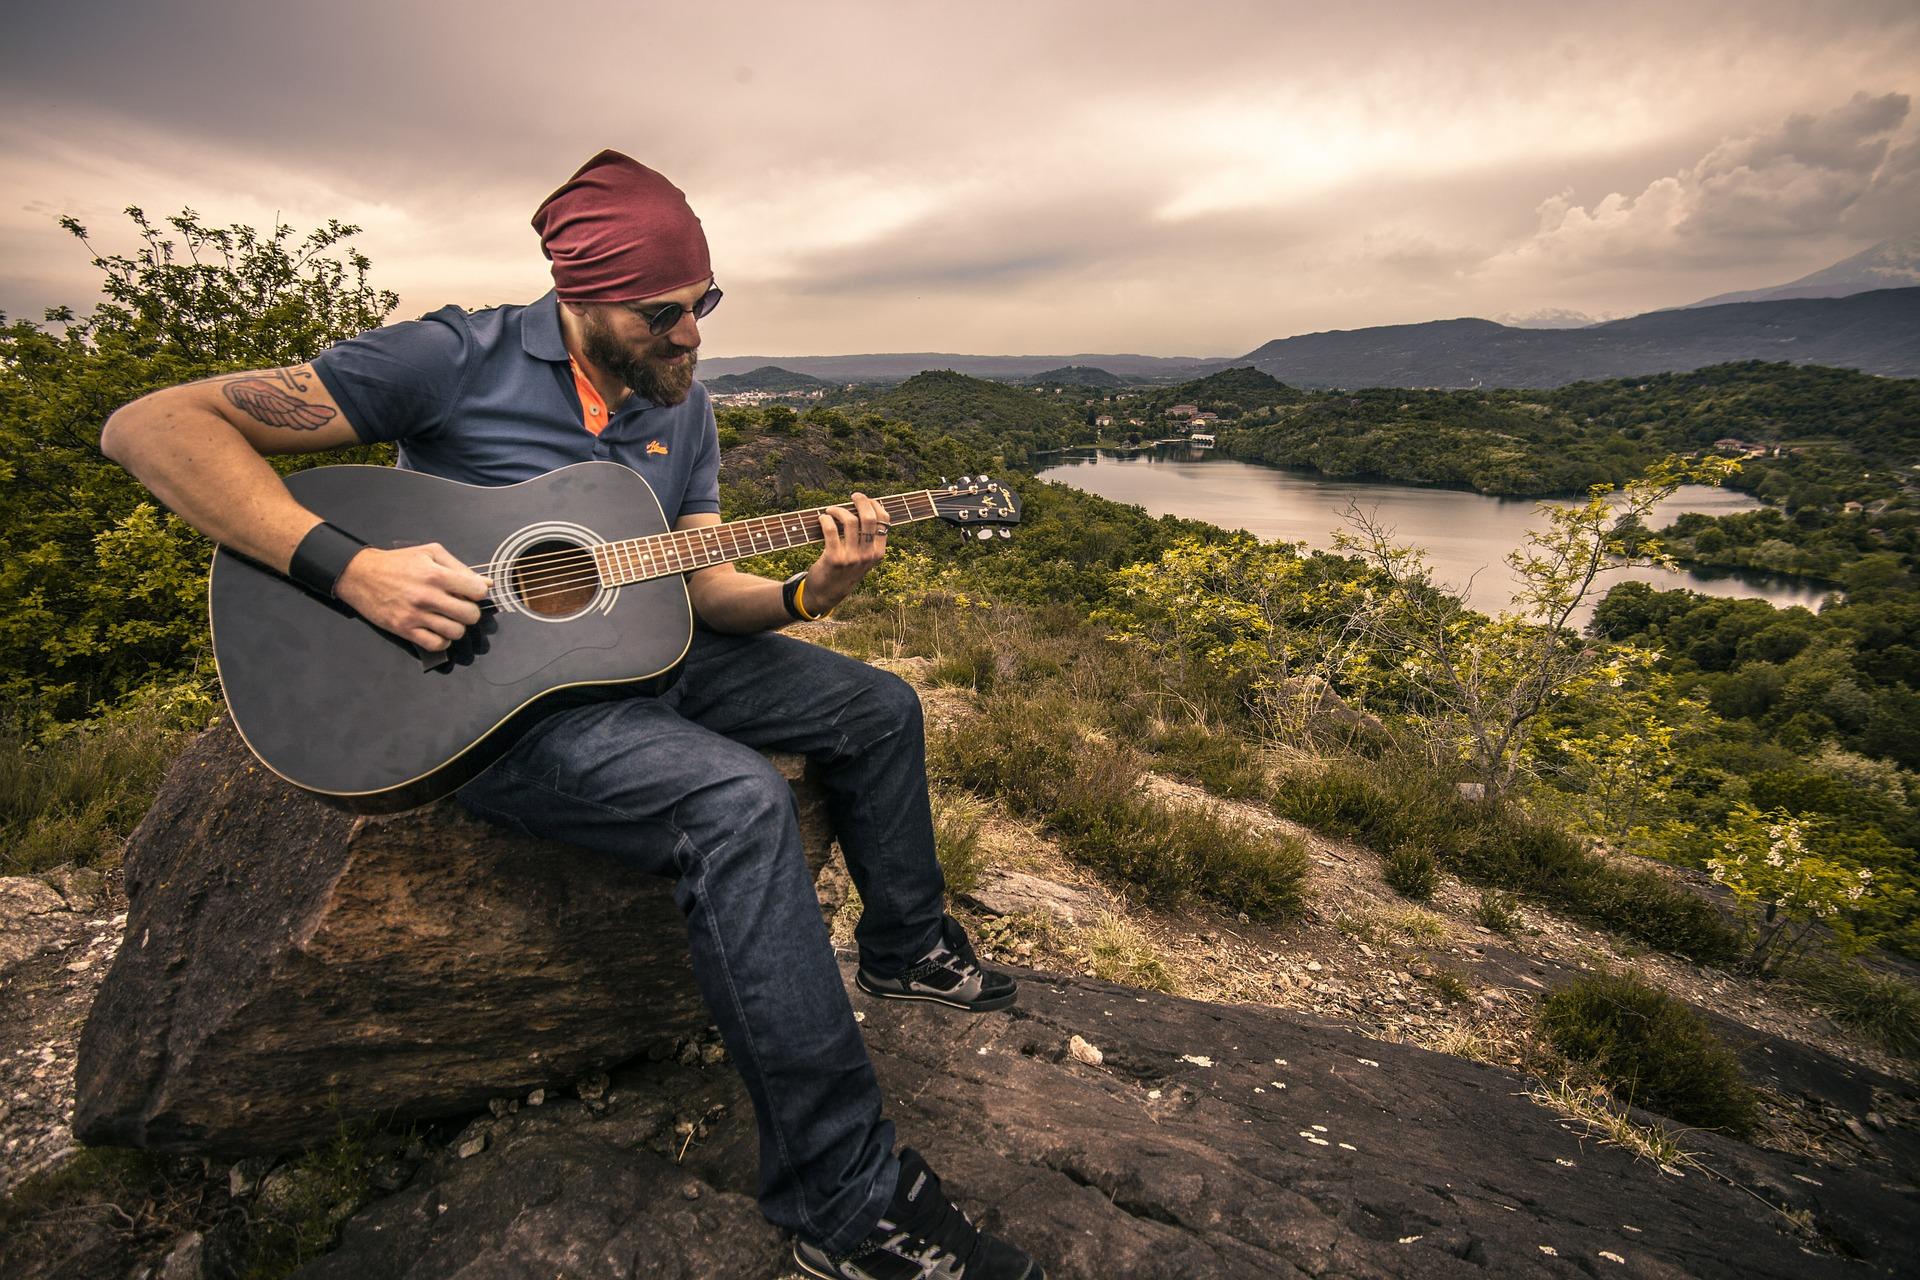 парень гитара мужчина природа дерево  № 3470186 бесплатно